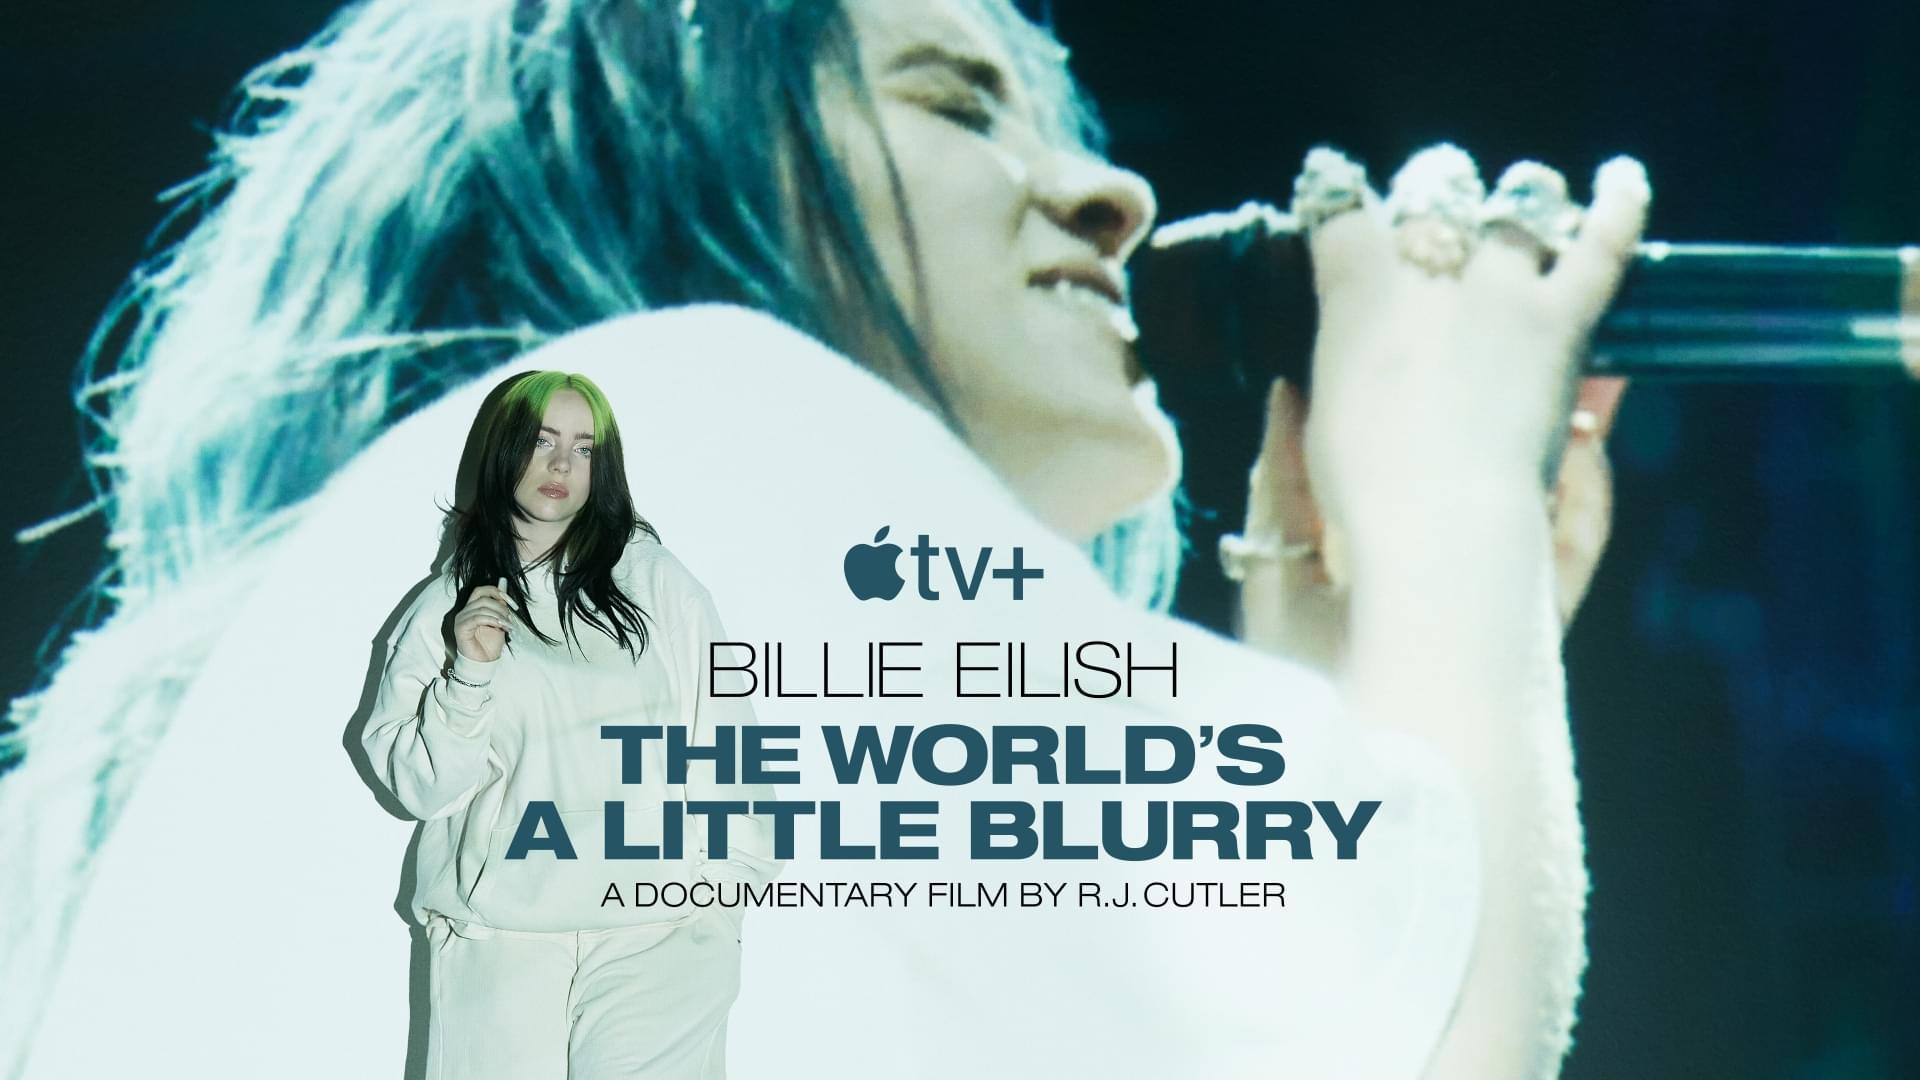 BILLIE EILISH: THE WORLD'S A LITTLE BLURRY documentary on Apple TV+